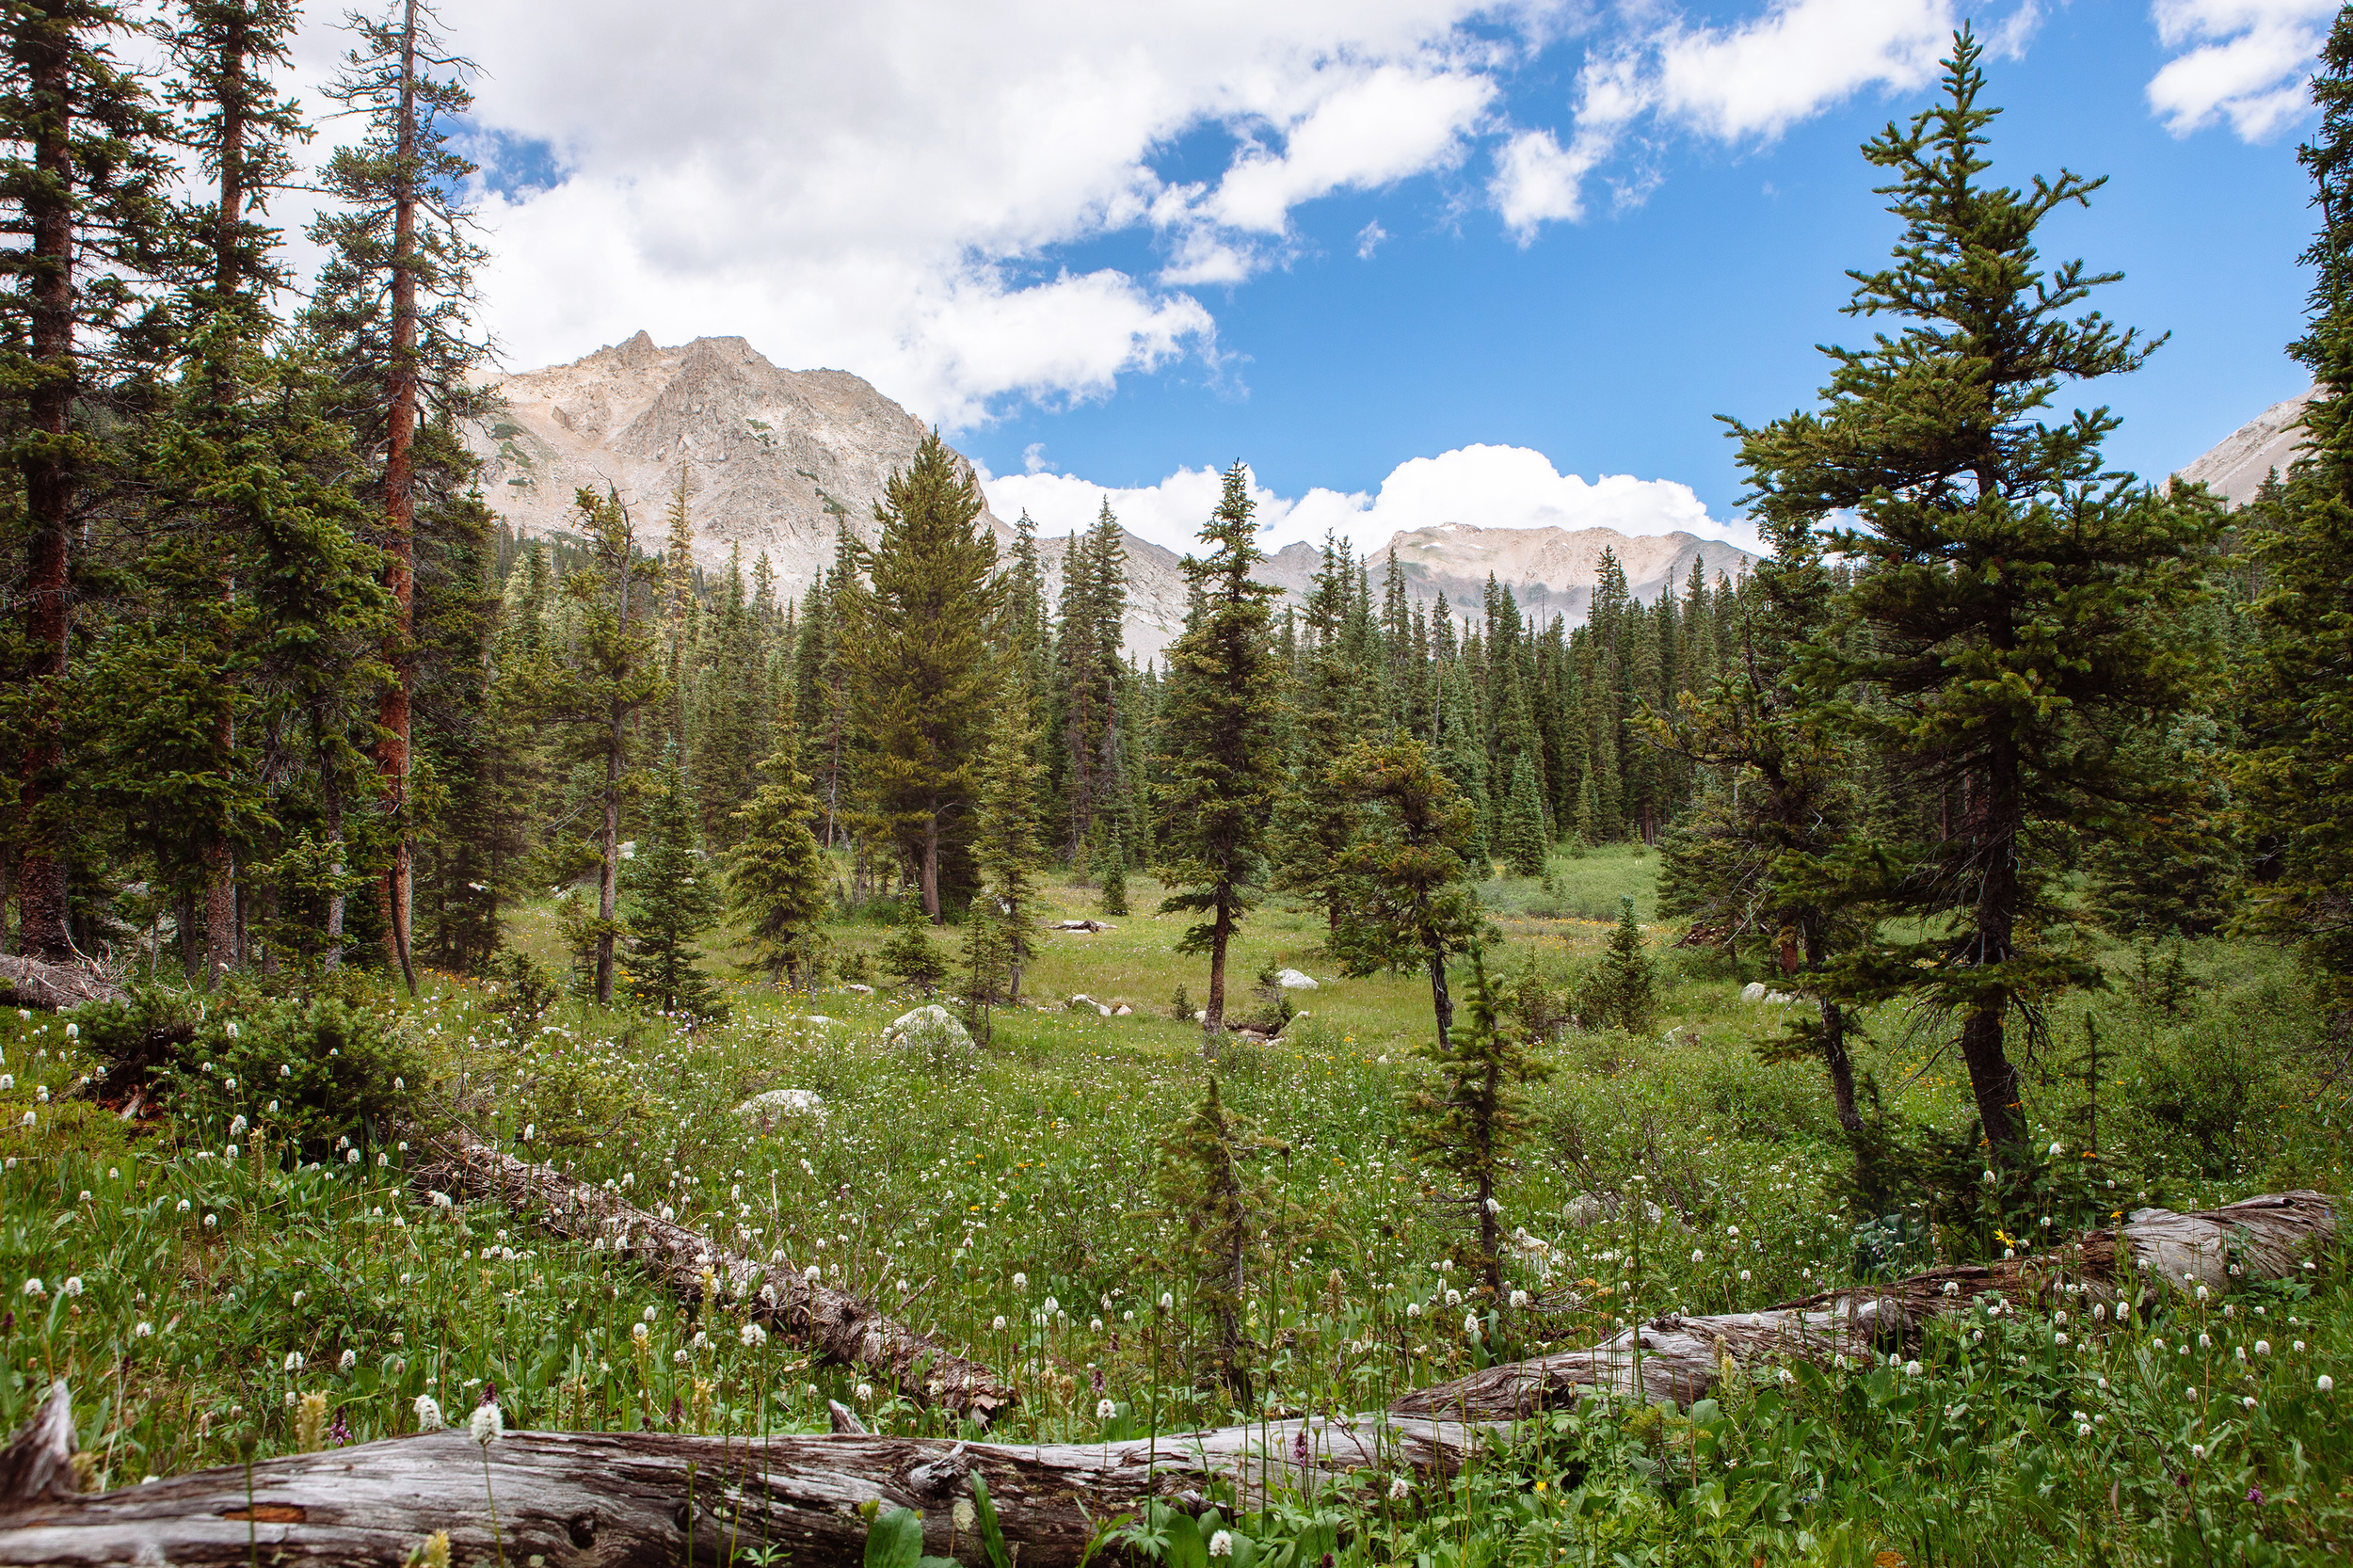 The Collegiate Range near Buena Vista, Colorado